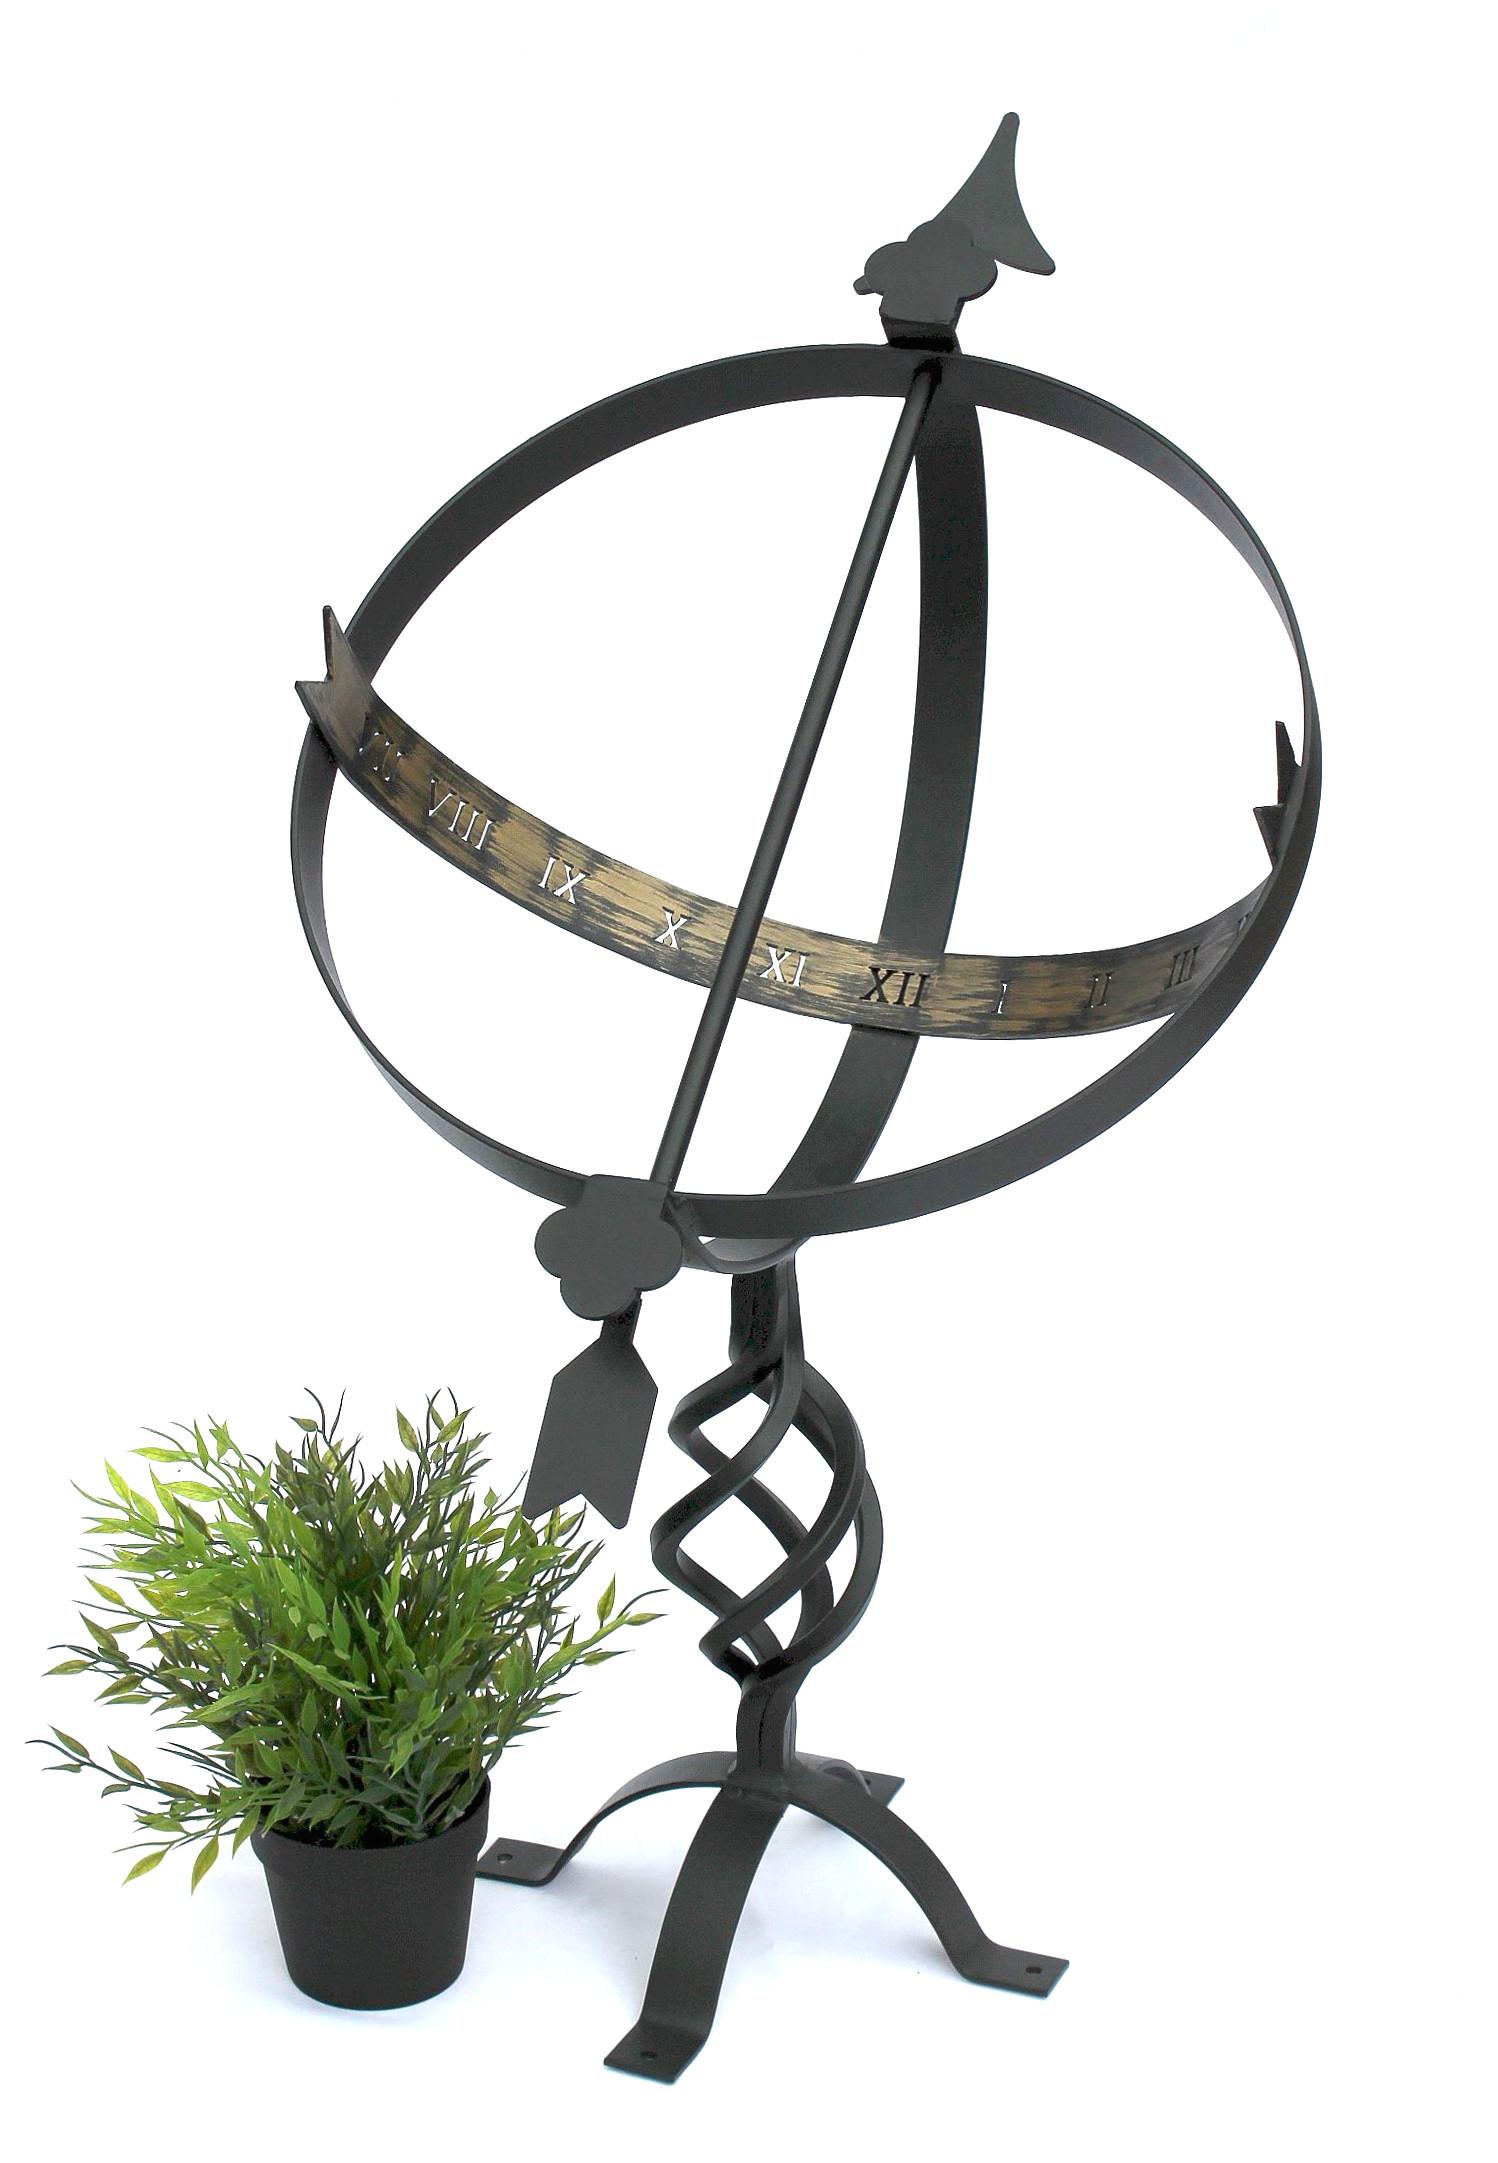 sonnenuhr schwarz aus metall schmiedeeisen wetterfest 72cm gartenuhr uhr gartendeko dandibo. Black Bedroom Furniture Sets. Home Design Ideas